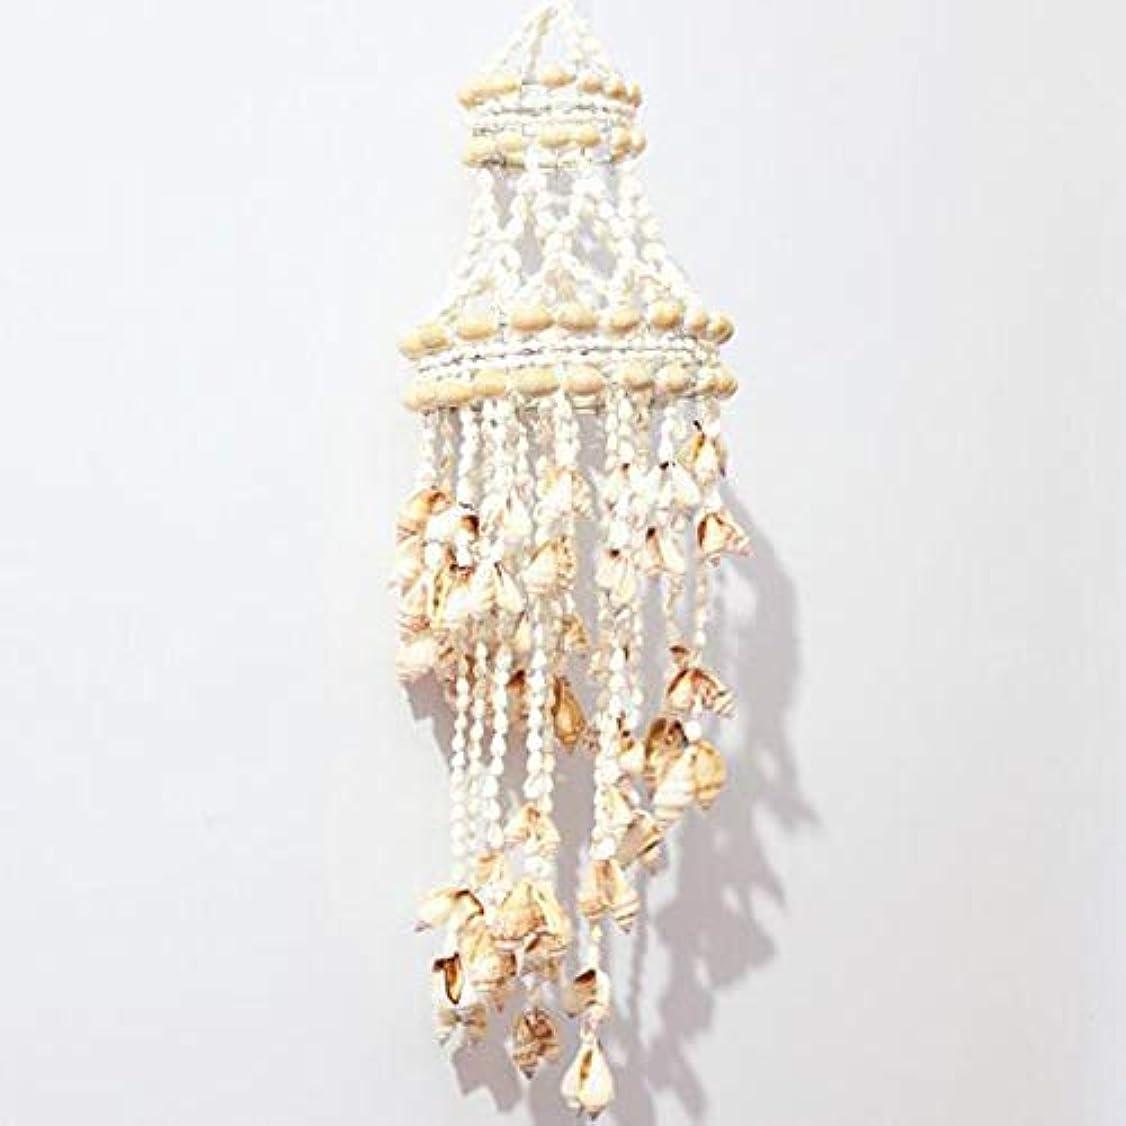 容器再集計移植Yougou01 風チャイム、ナチュラル手作りシェル風の鐘、ホワイト、約長さ50cm 、創造的な装飾 (Color : A)